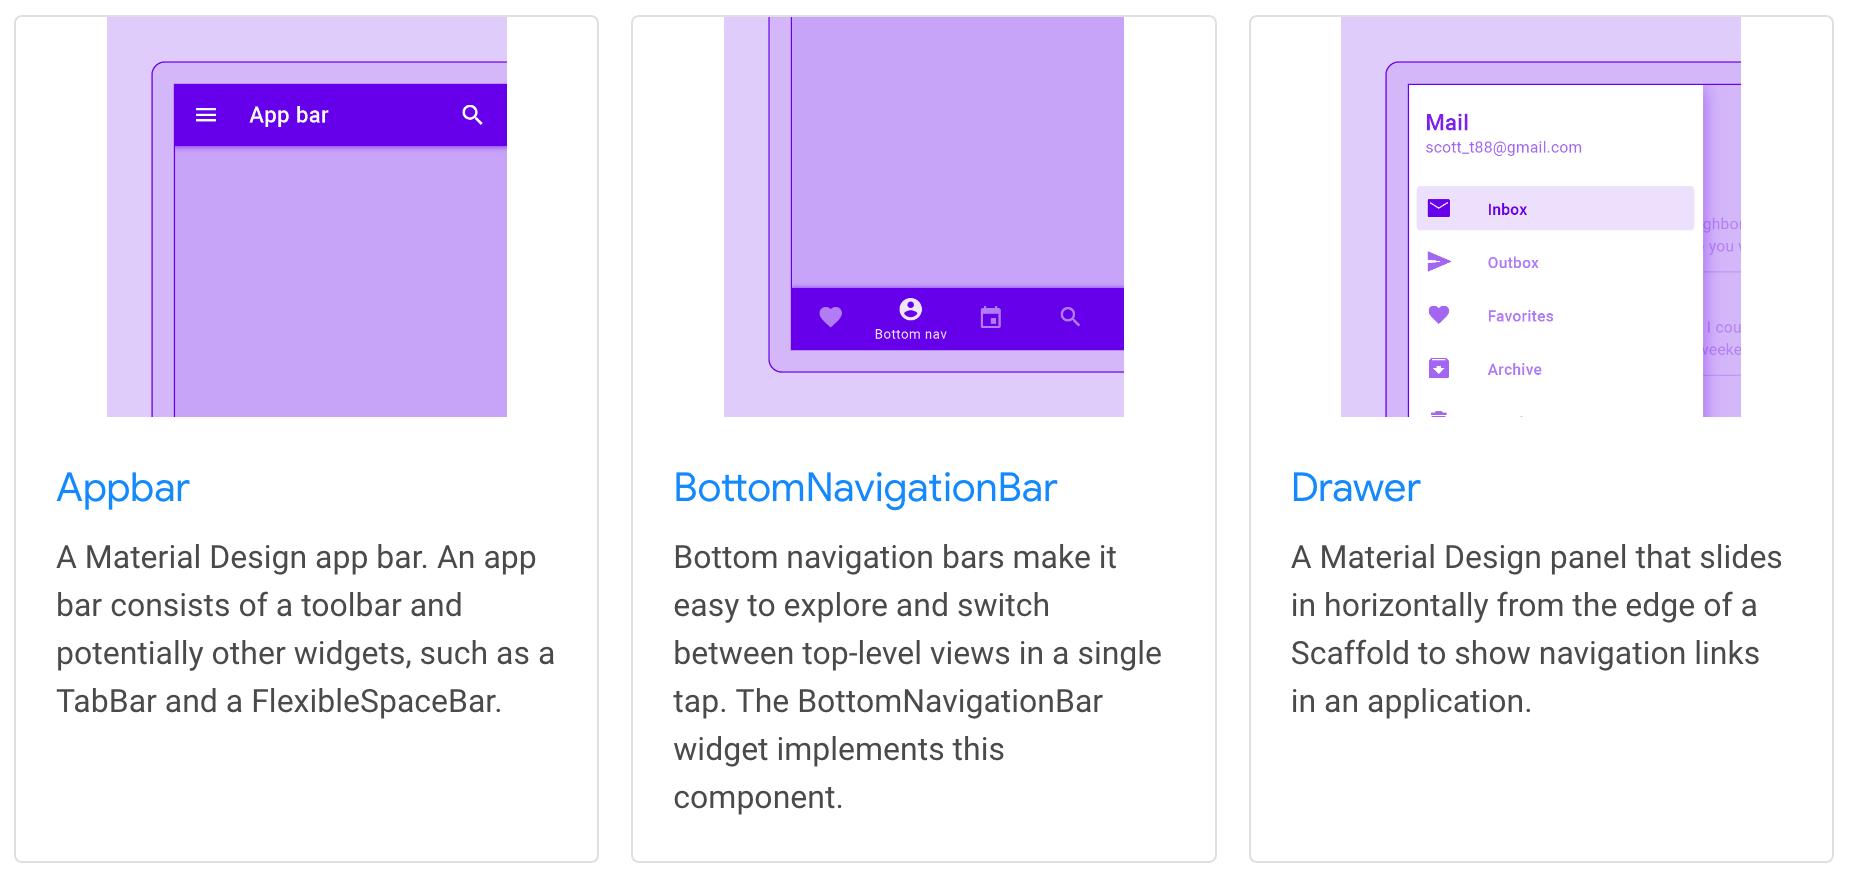 플러터 머티리얼 컴포넌트 위젯 목록: Appbar, BottomNavigationBar, Drawer.